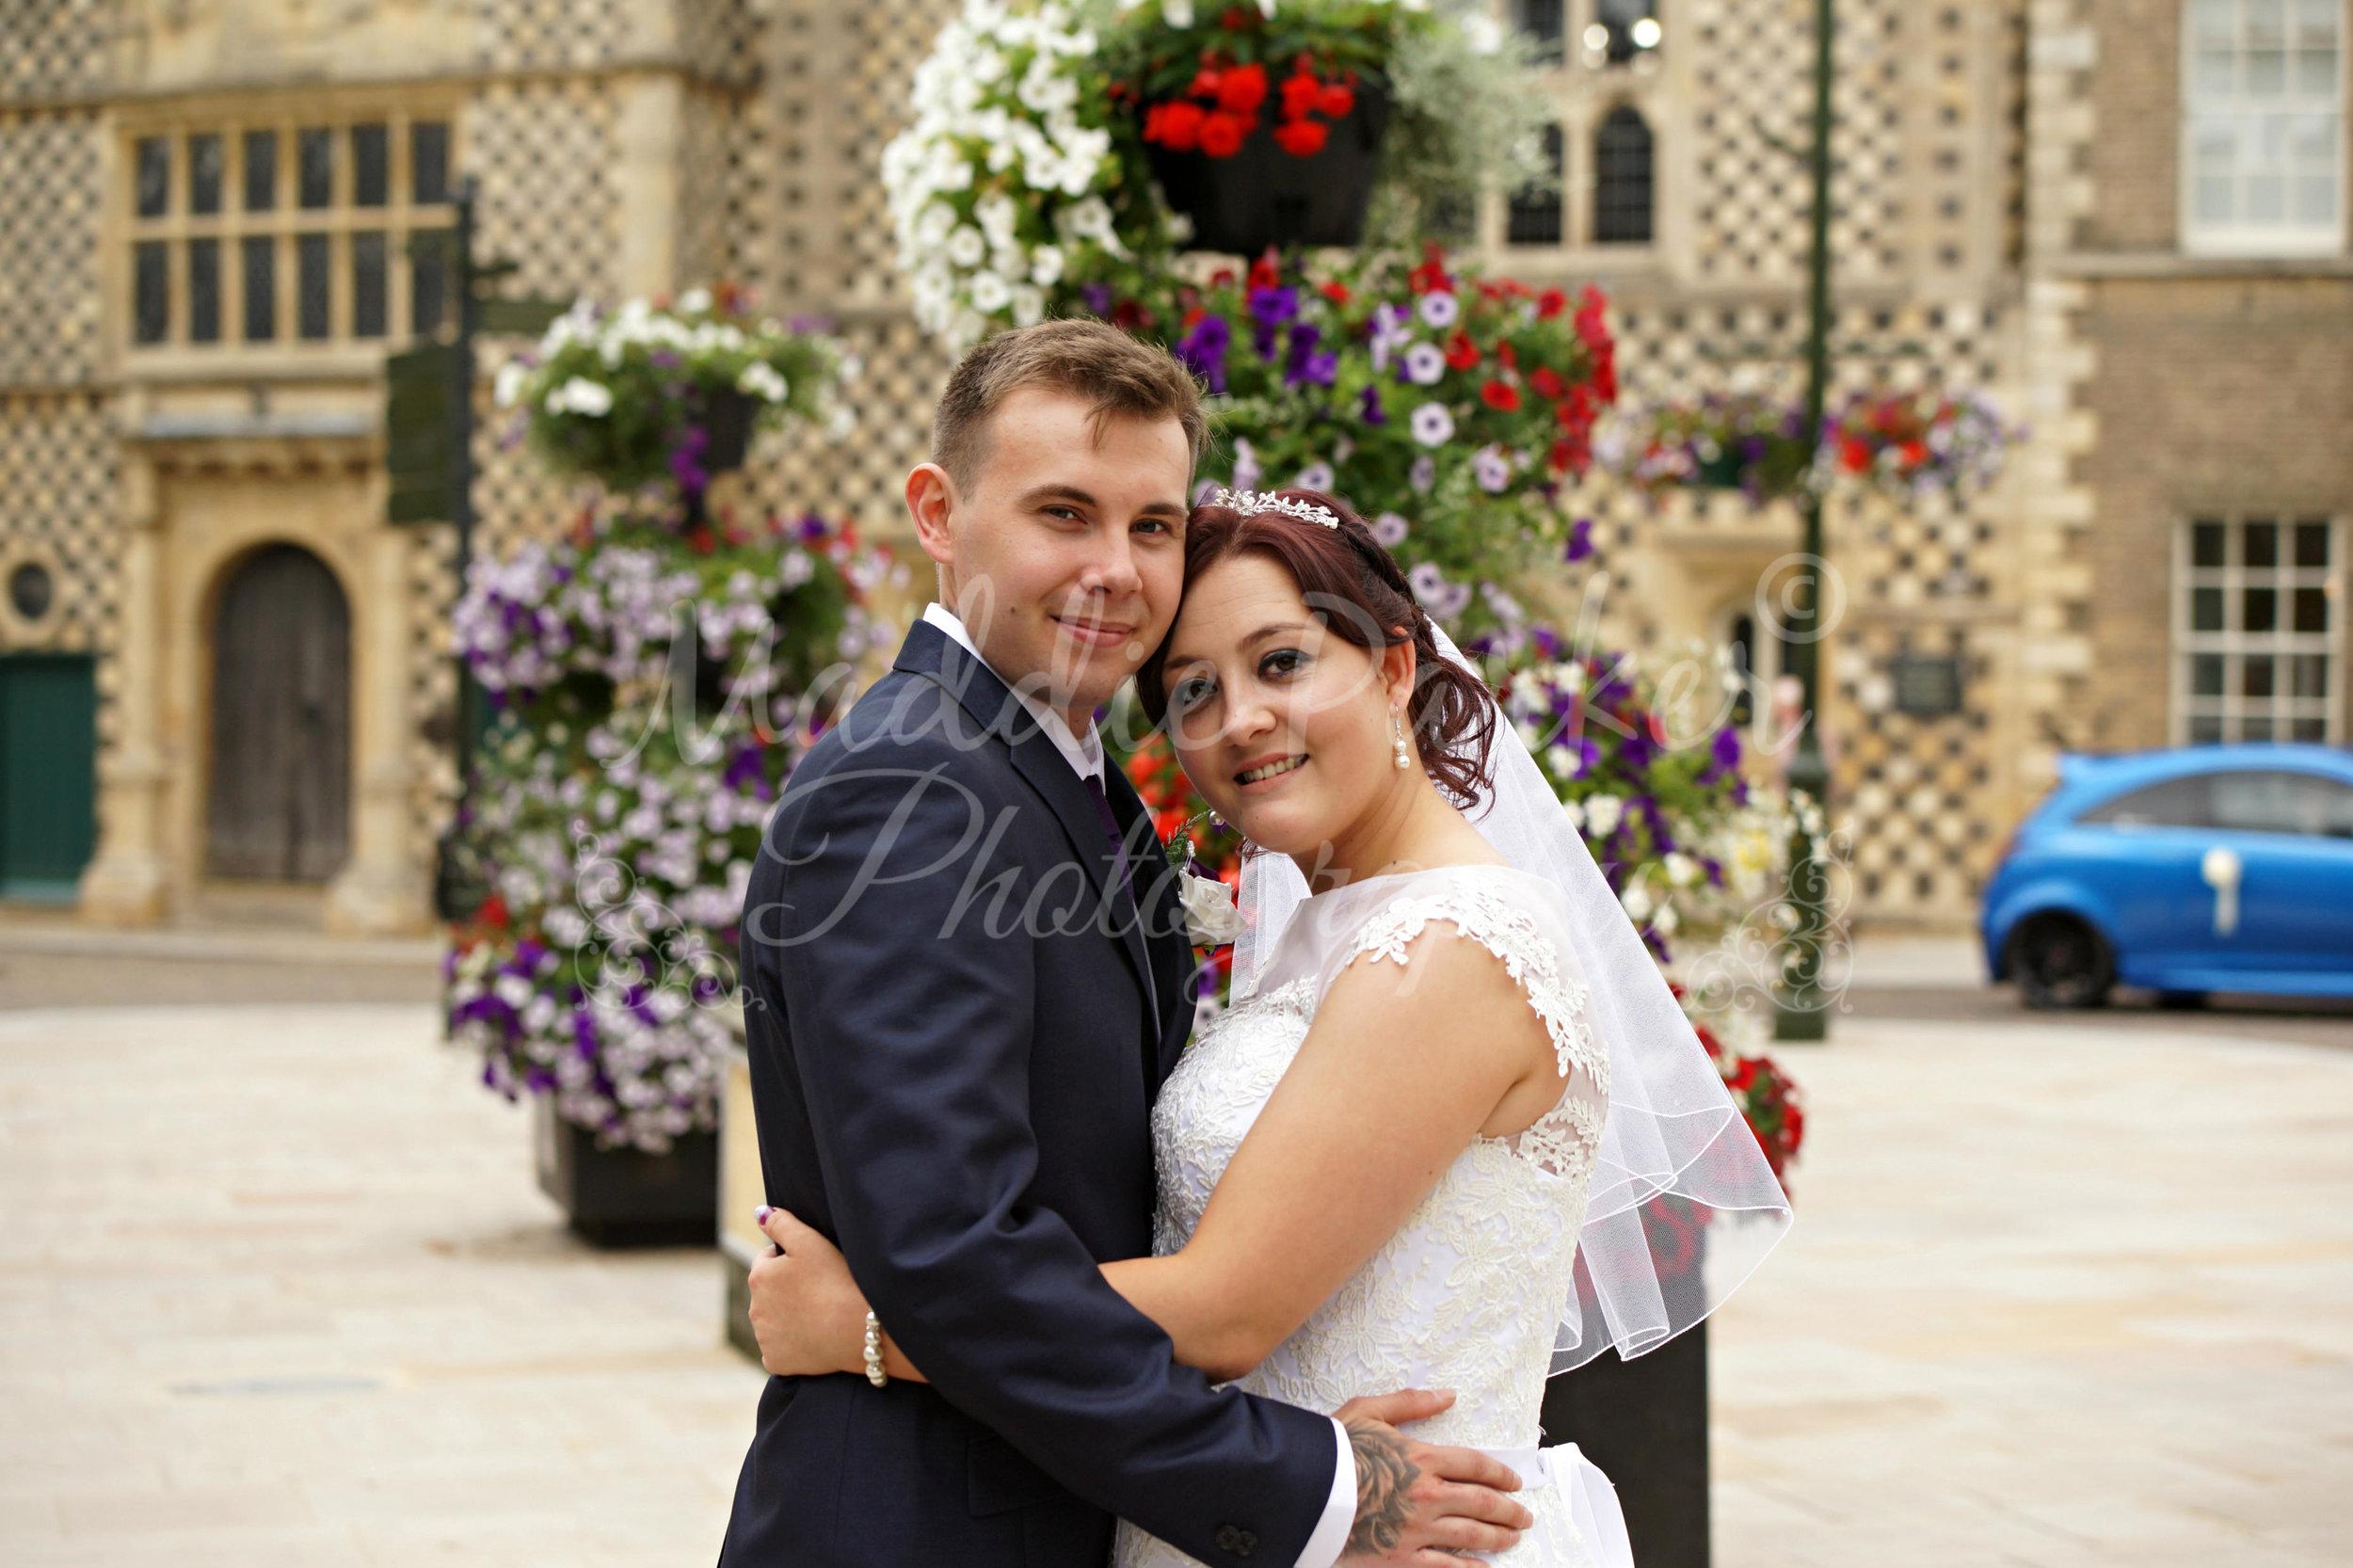 Annemarie and Daniel